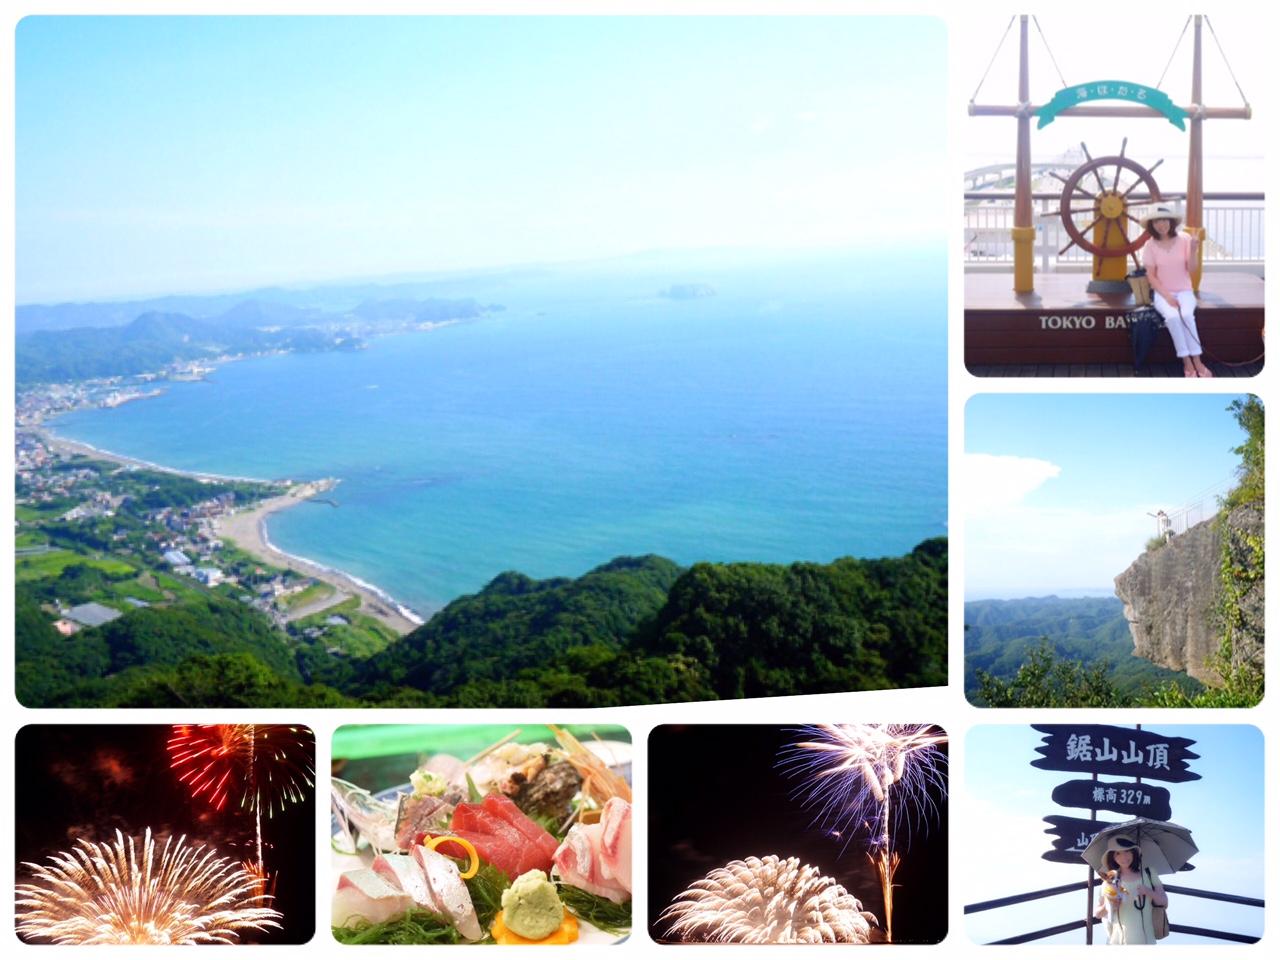 東京から千葉へ日帰りドライブ!館山の絶景スポットと美味しいグルメを堪能